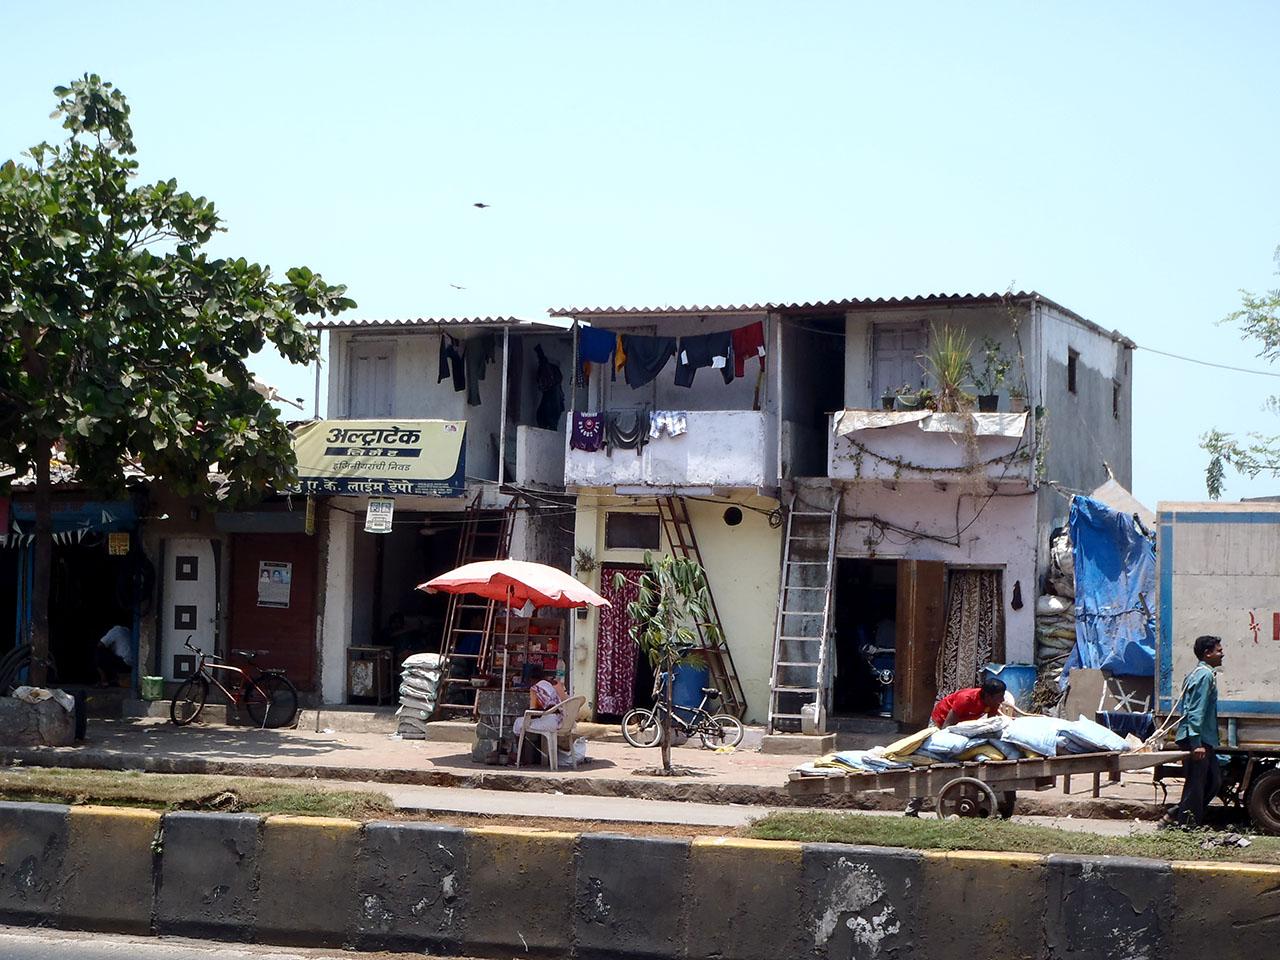 Külföld: Mészárlás Mumbaiban - megmenekültek a magyarok - pasztorpuli.hu